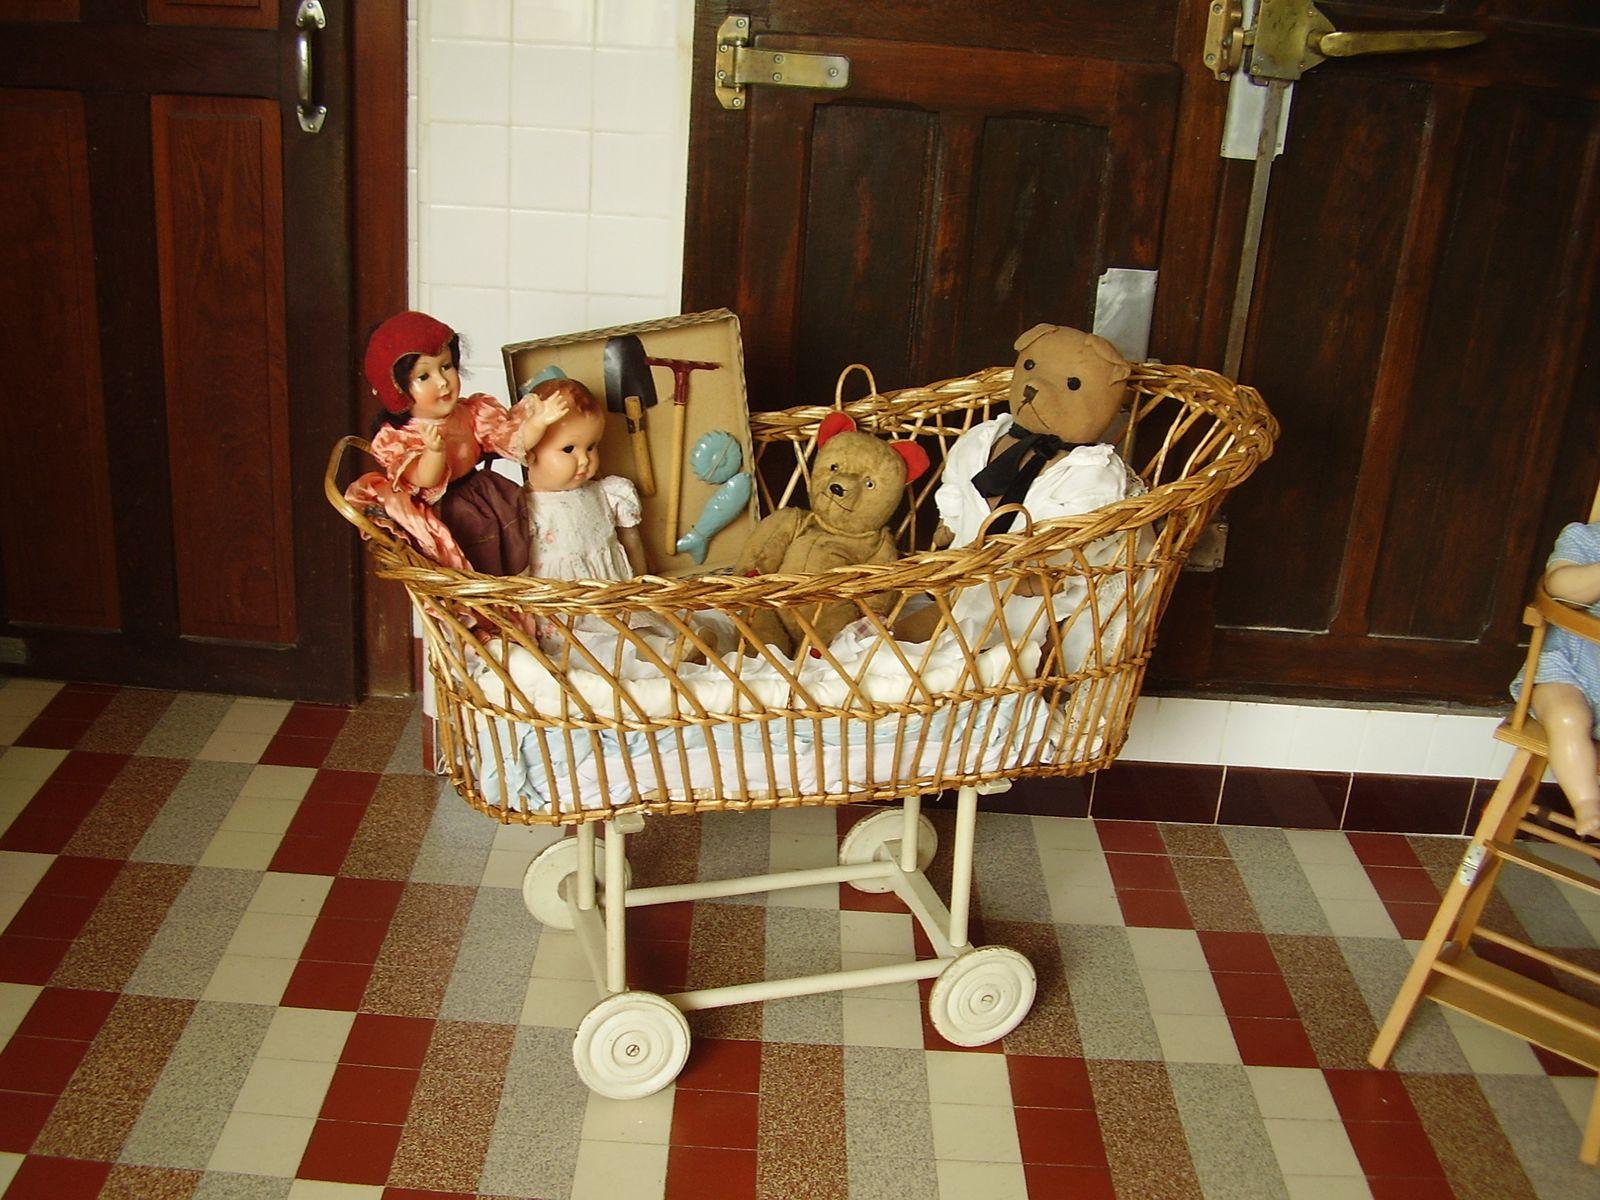 le teddy bear dans son berceau avec des poupées de 1930